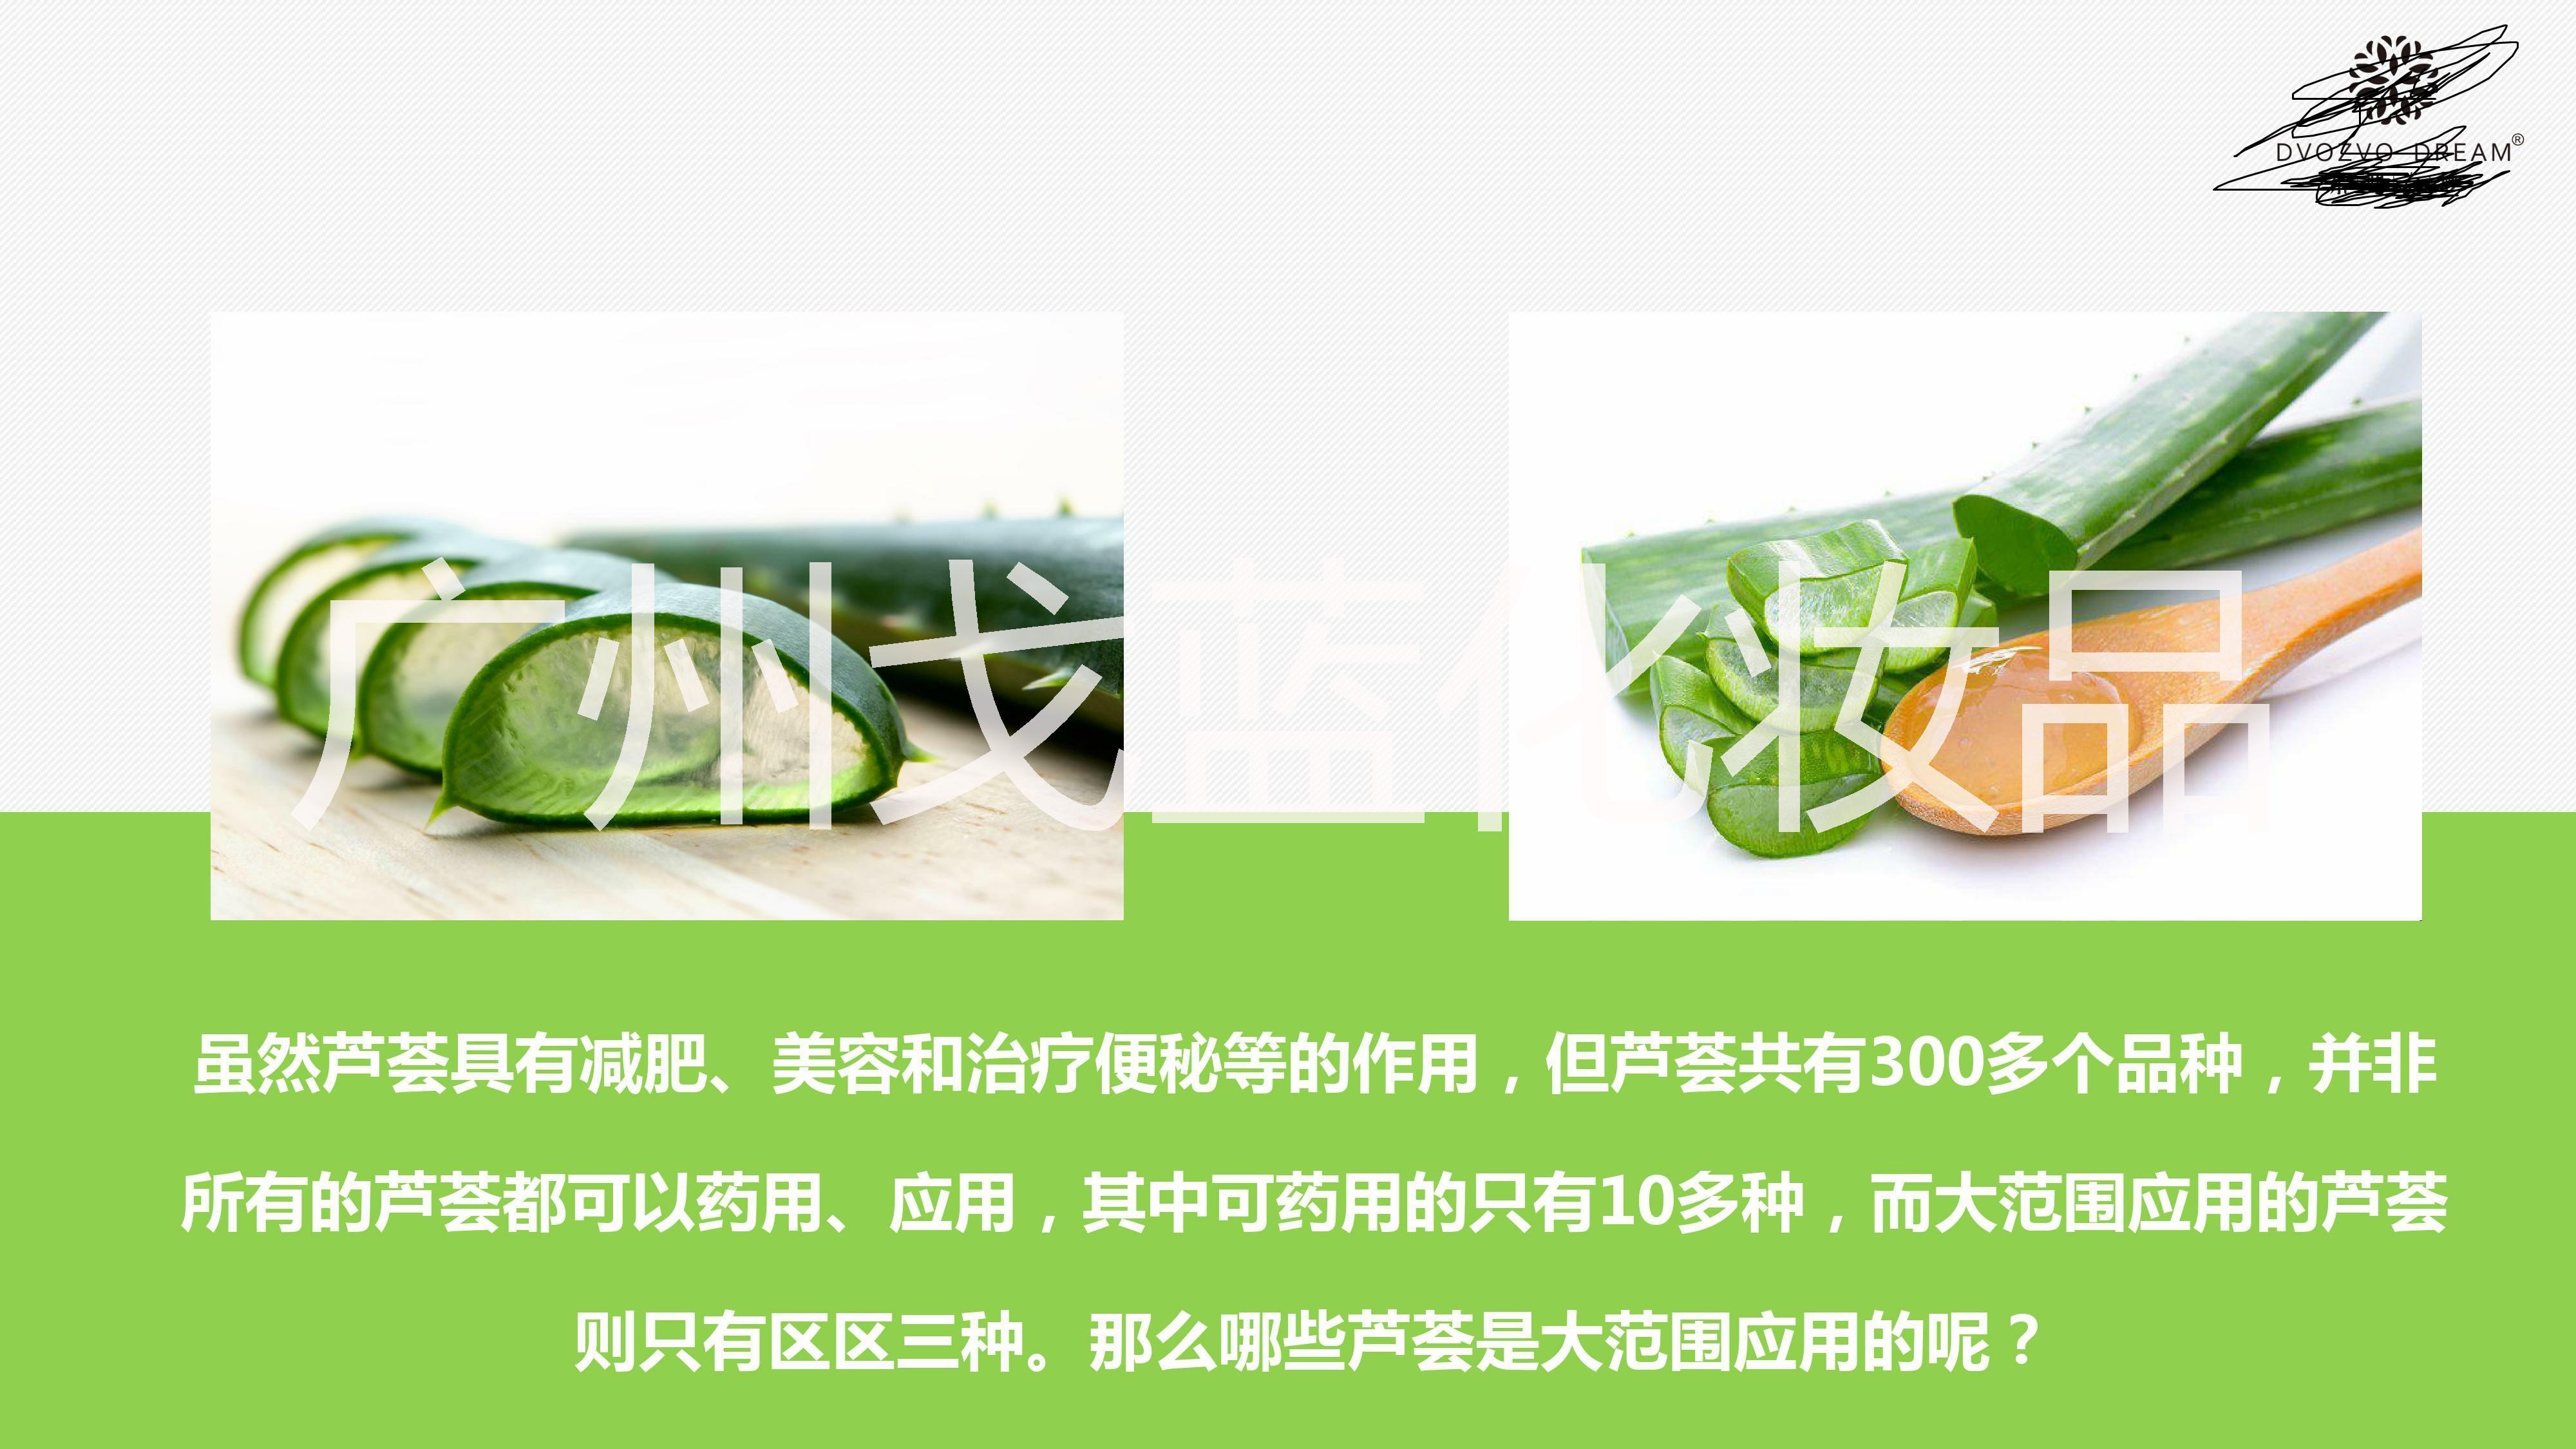 芦荟生物科技精华液解素液代加工贴牌,广州戈蓝